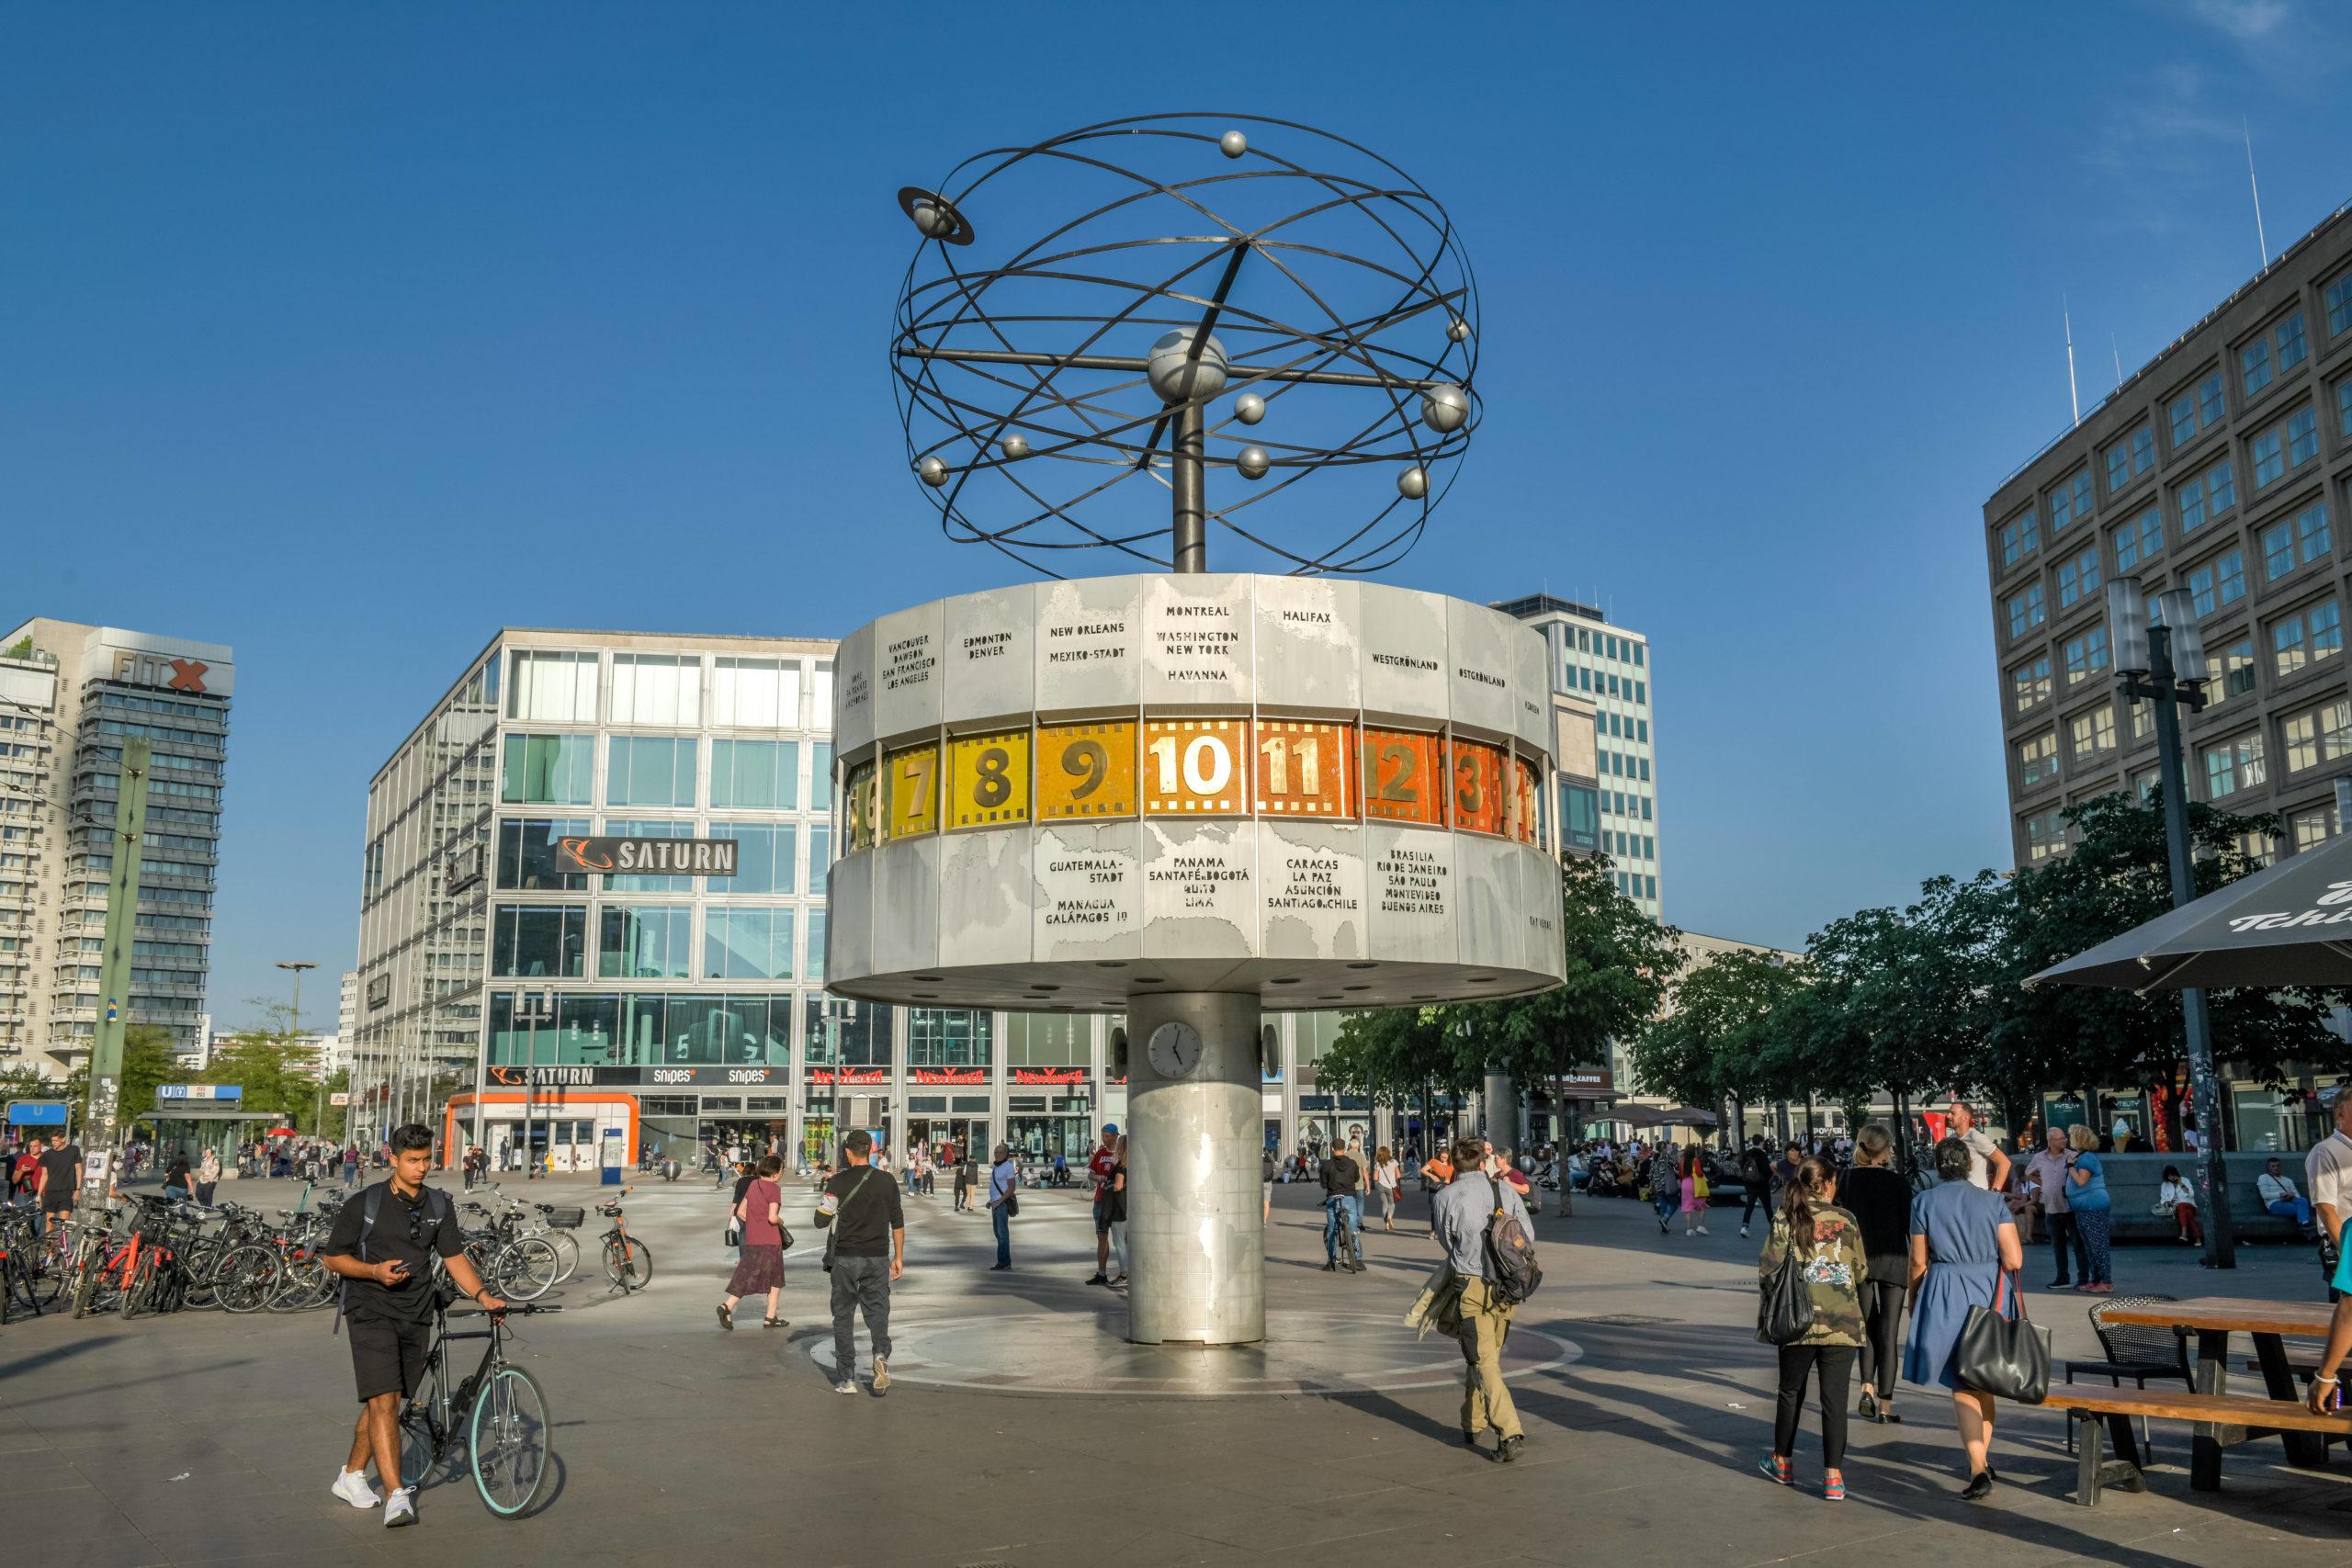 Die Weltzeituhr am Alexanderplatz in Berlin-Mitte ist beliebter Treffpunkt für Berliner*innen und Touristen. Foto: imago/Joko